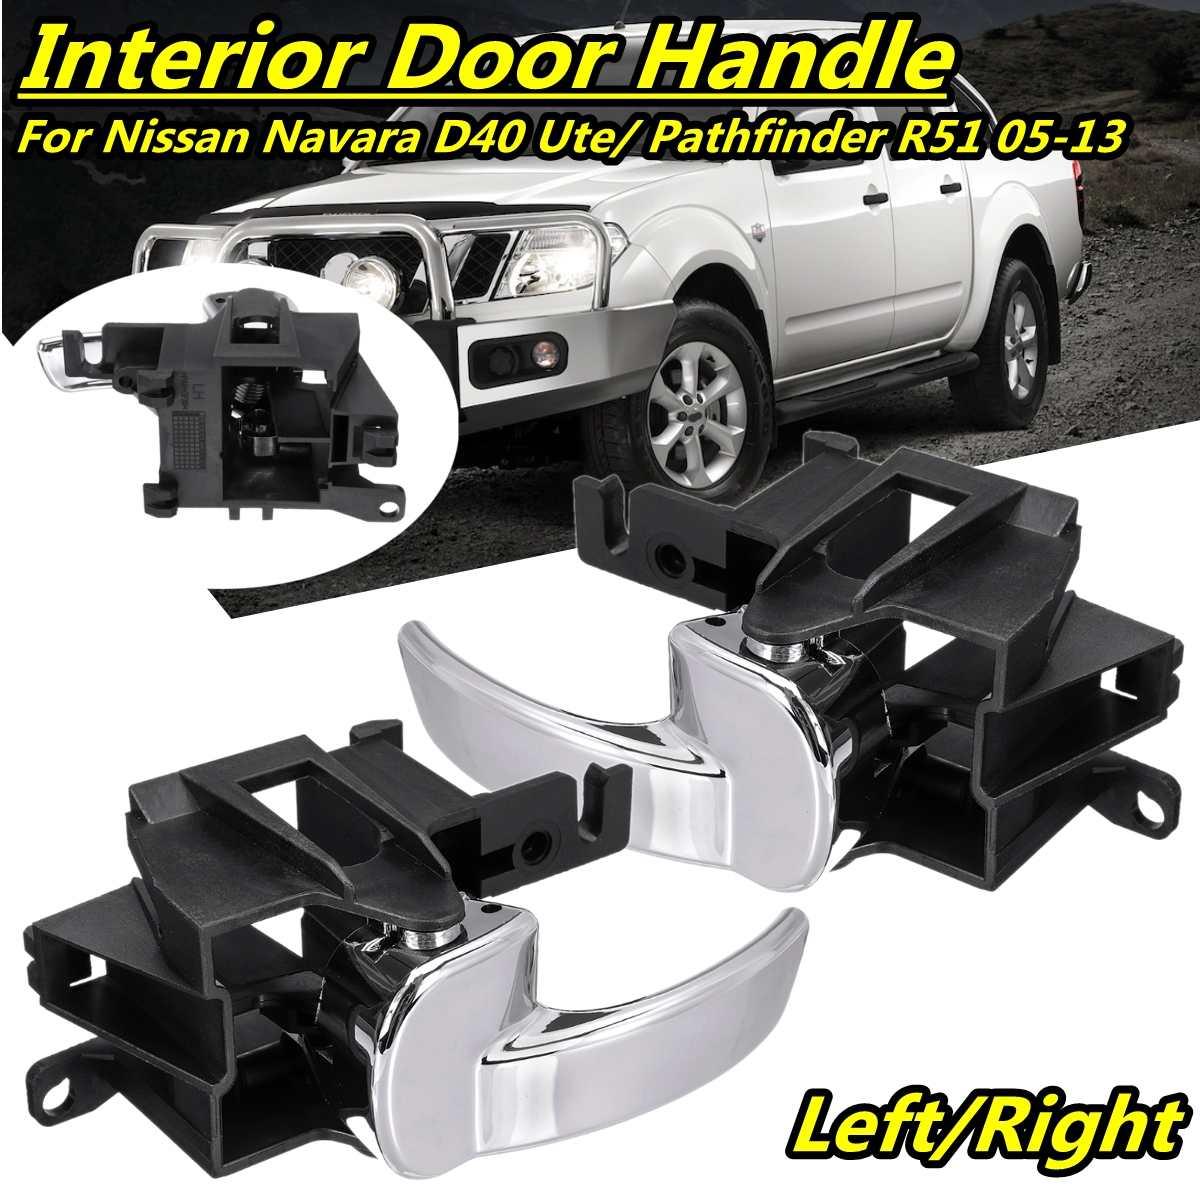 Hohe Qualität Links Griff Innen Interieur Links Hinten Oder Vorne Türgriff Für Nissan Navara D40 Ute/Pathfinder R51 2005-2013